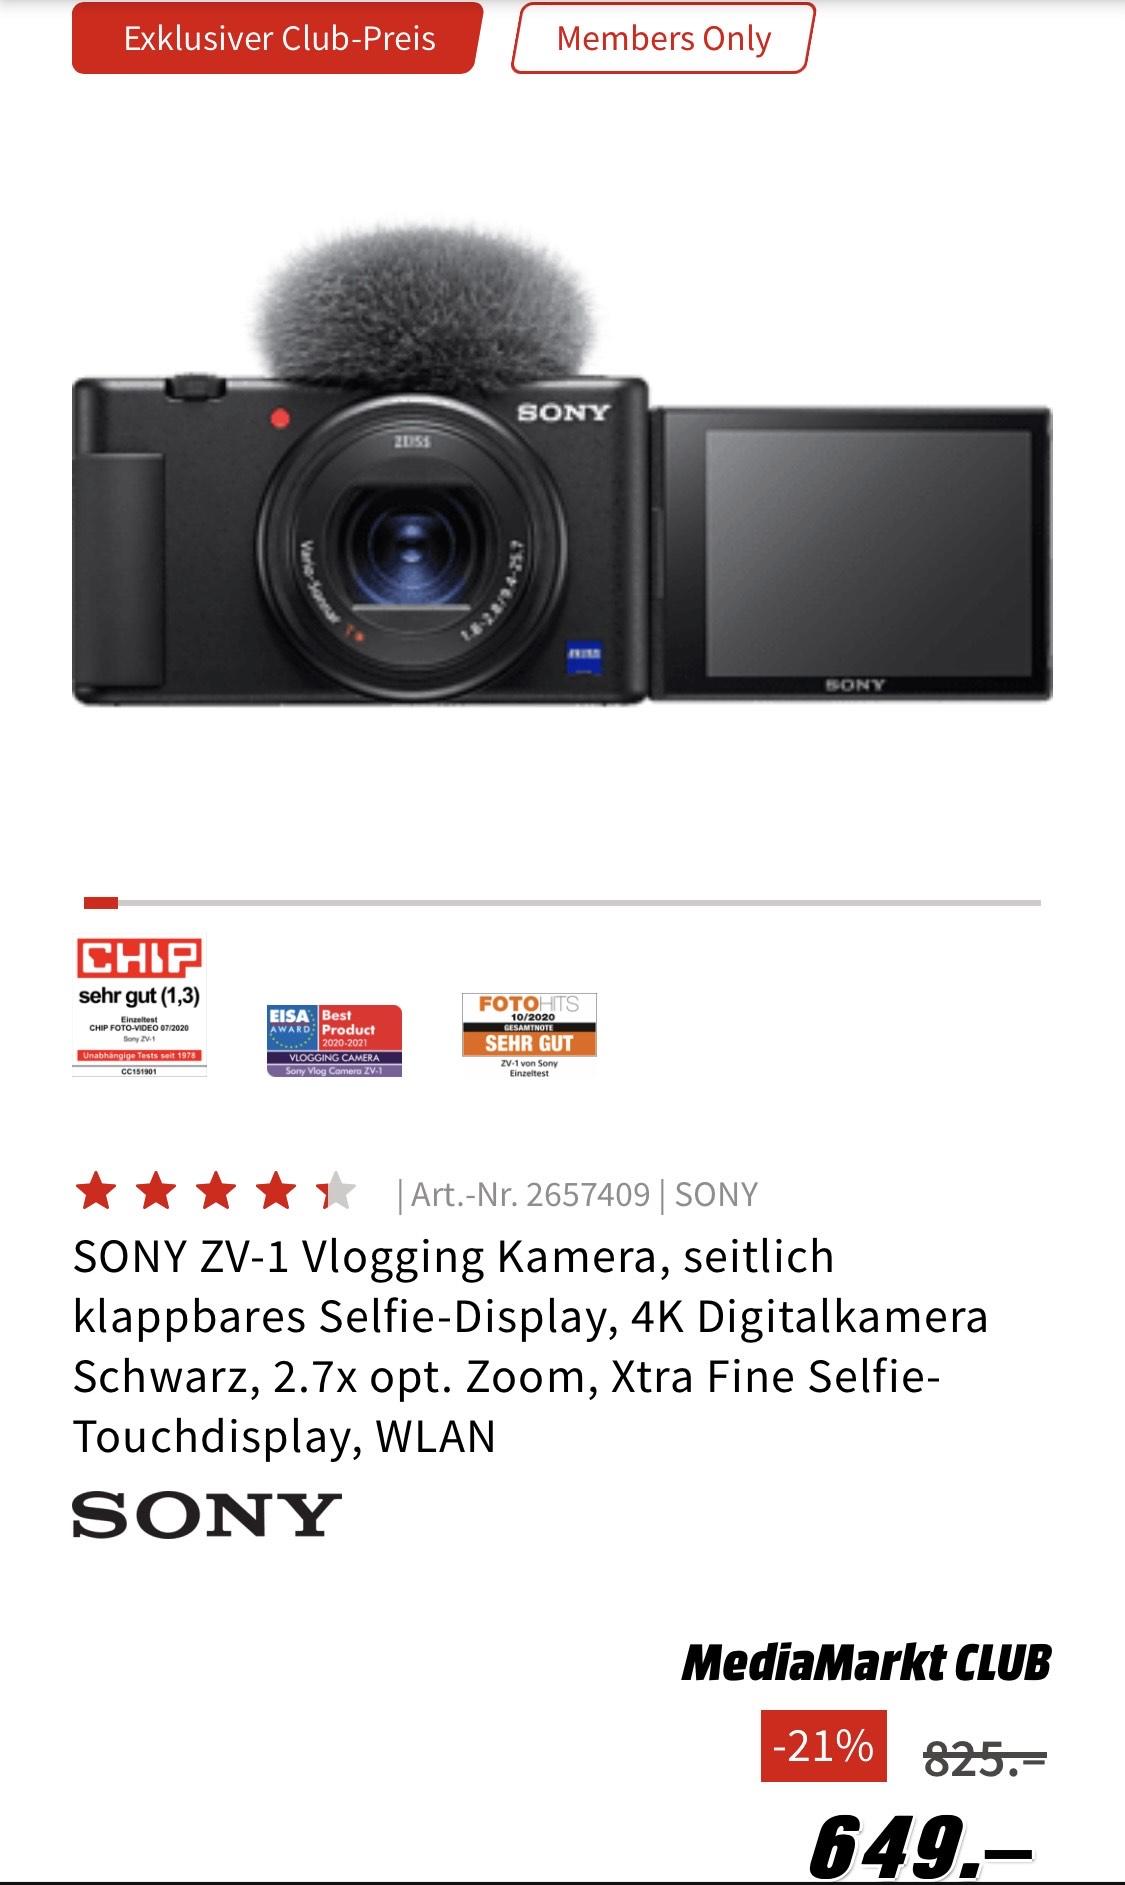 Sony ZV-1 MediaMarkt Club + Newsletter Gutschein